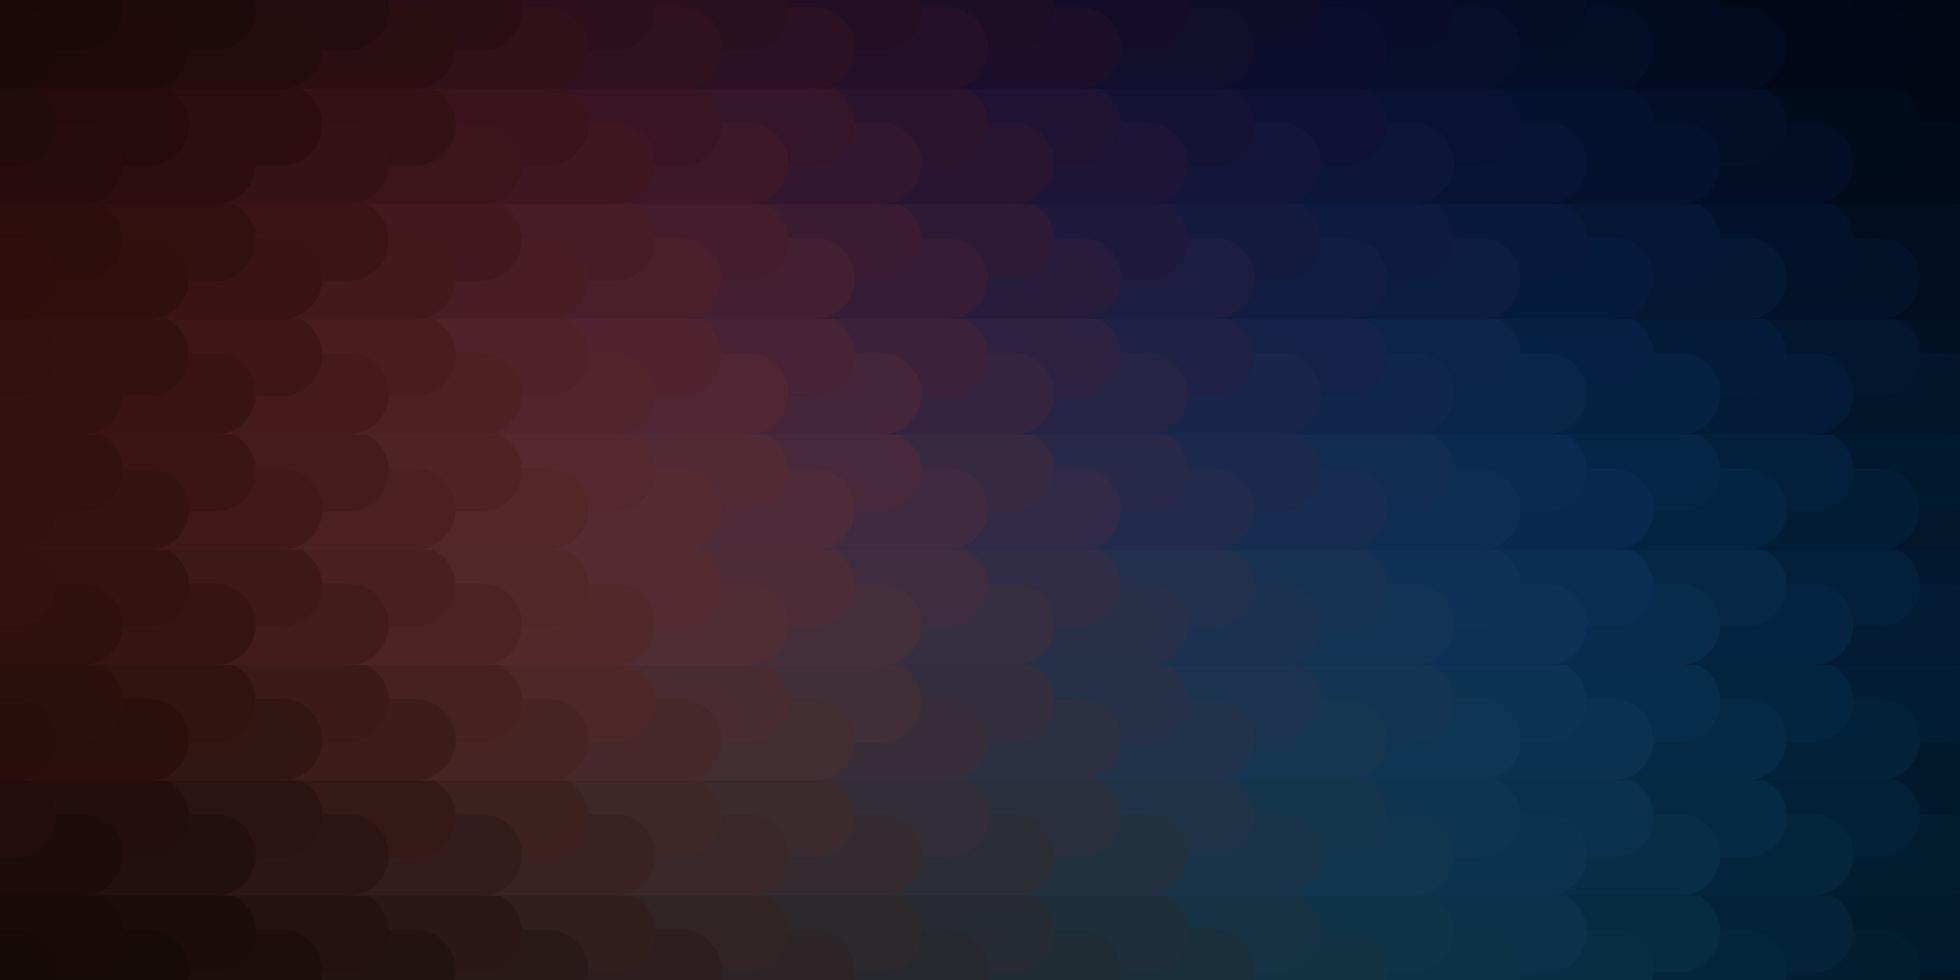 dunkelblaue und rote Textur mit Linien. vektor